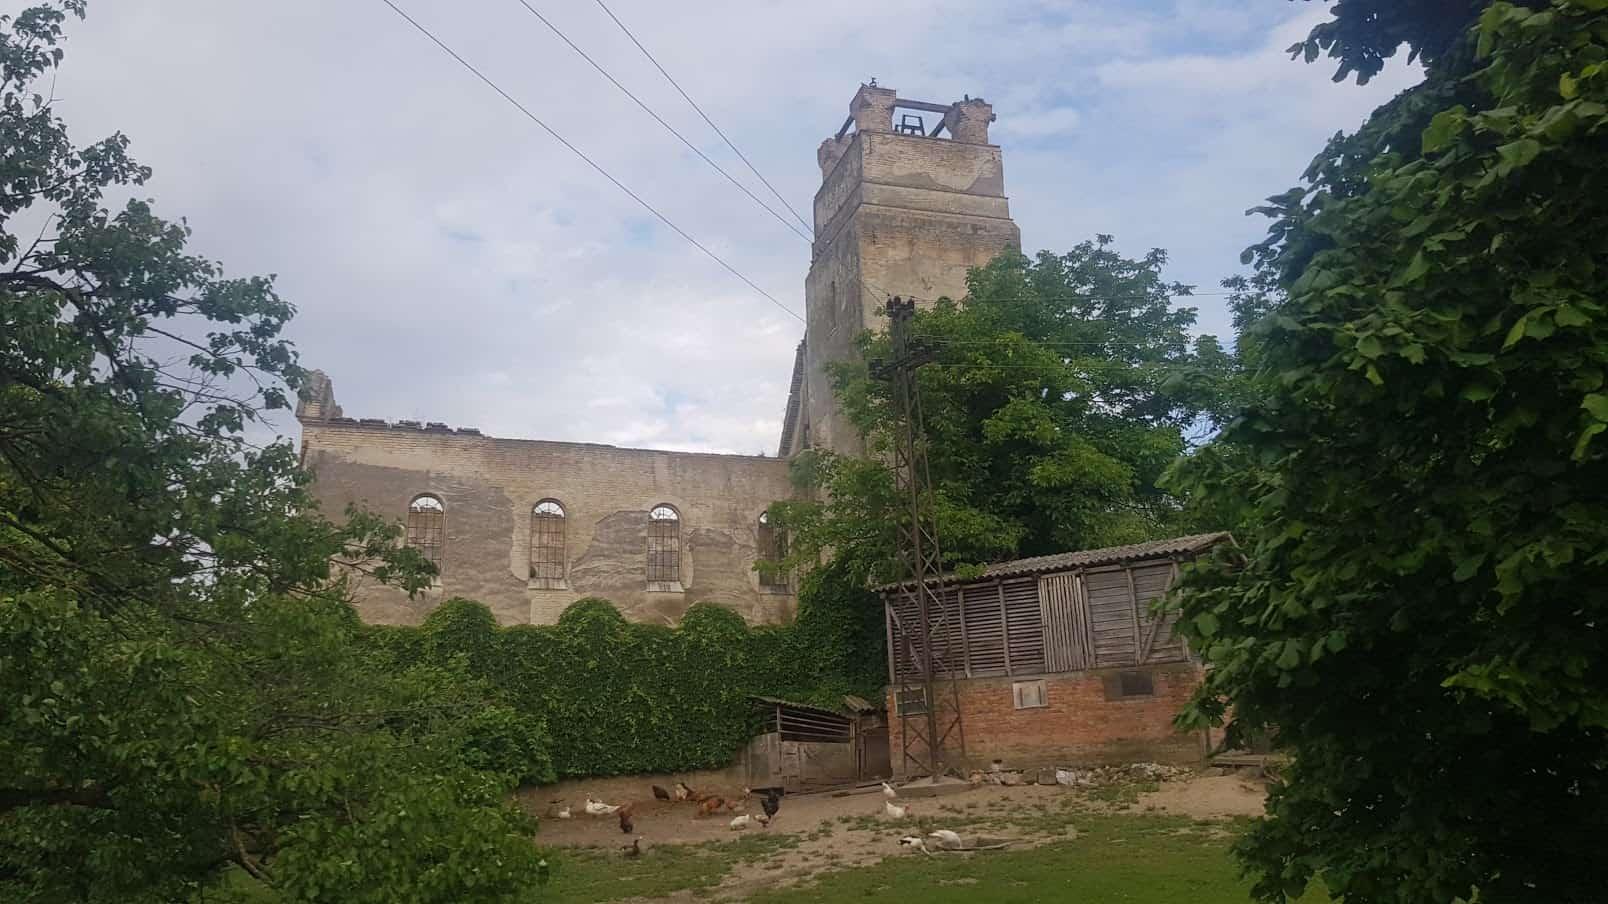 Uskoro Centar za izučvanje vinske kulture: Ostaci neogotičke crkve u Banoštoru